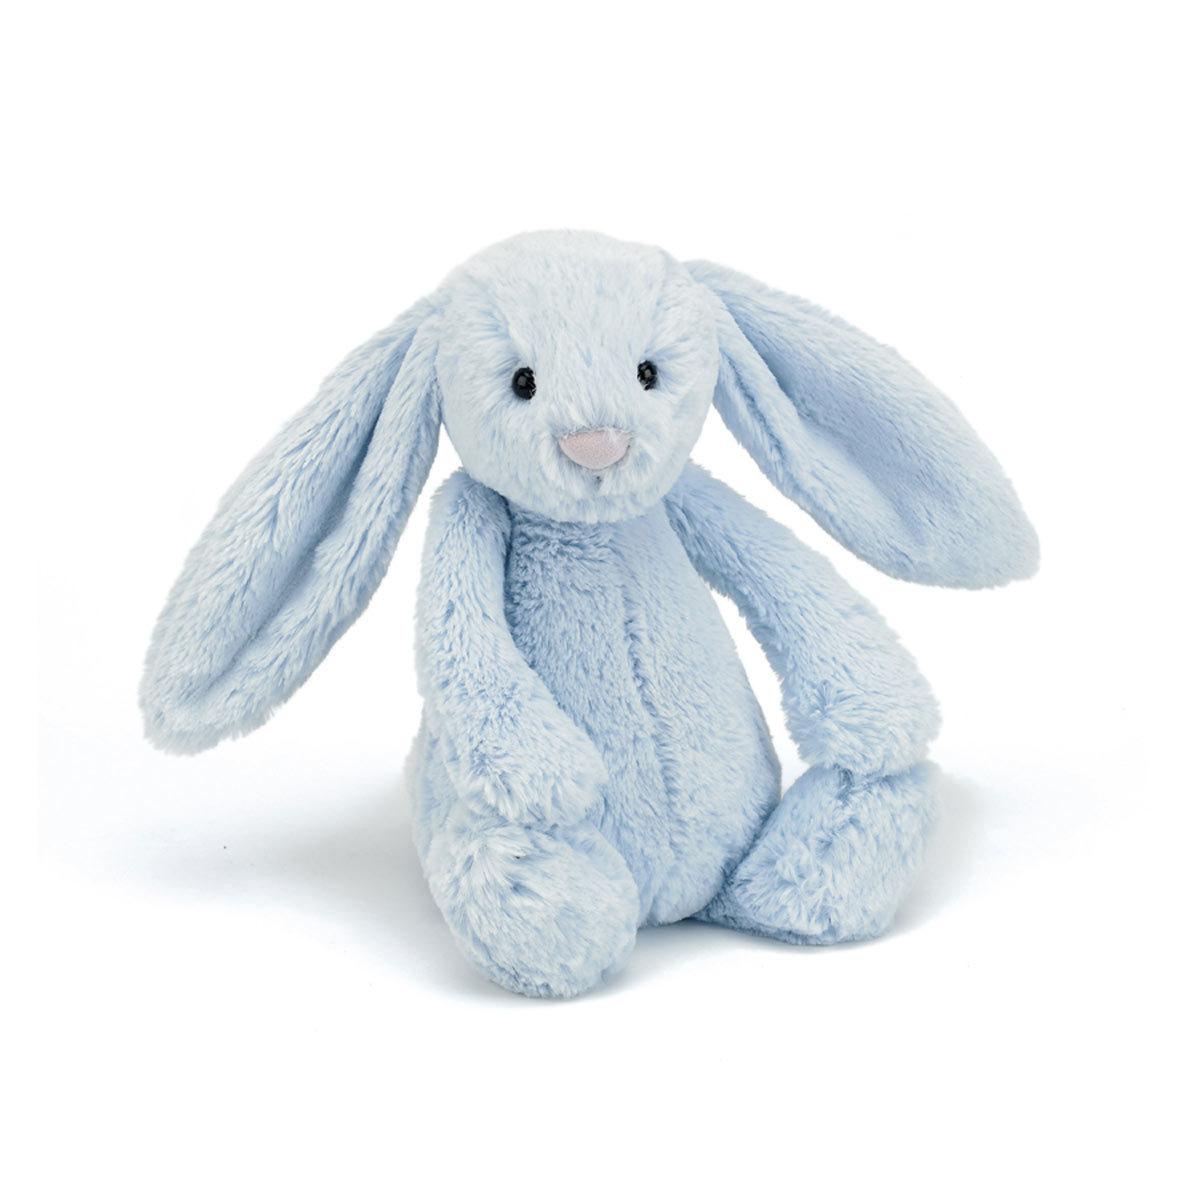 Peluche Bashful Blue Bunny - Medium Bashful Blue Bunny - Medium